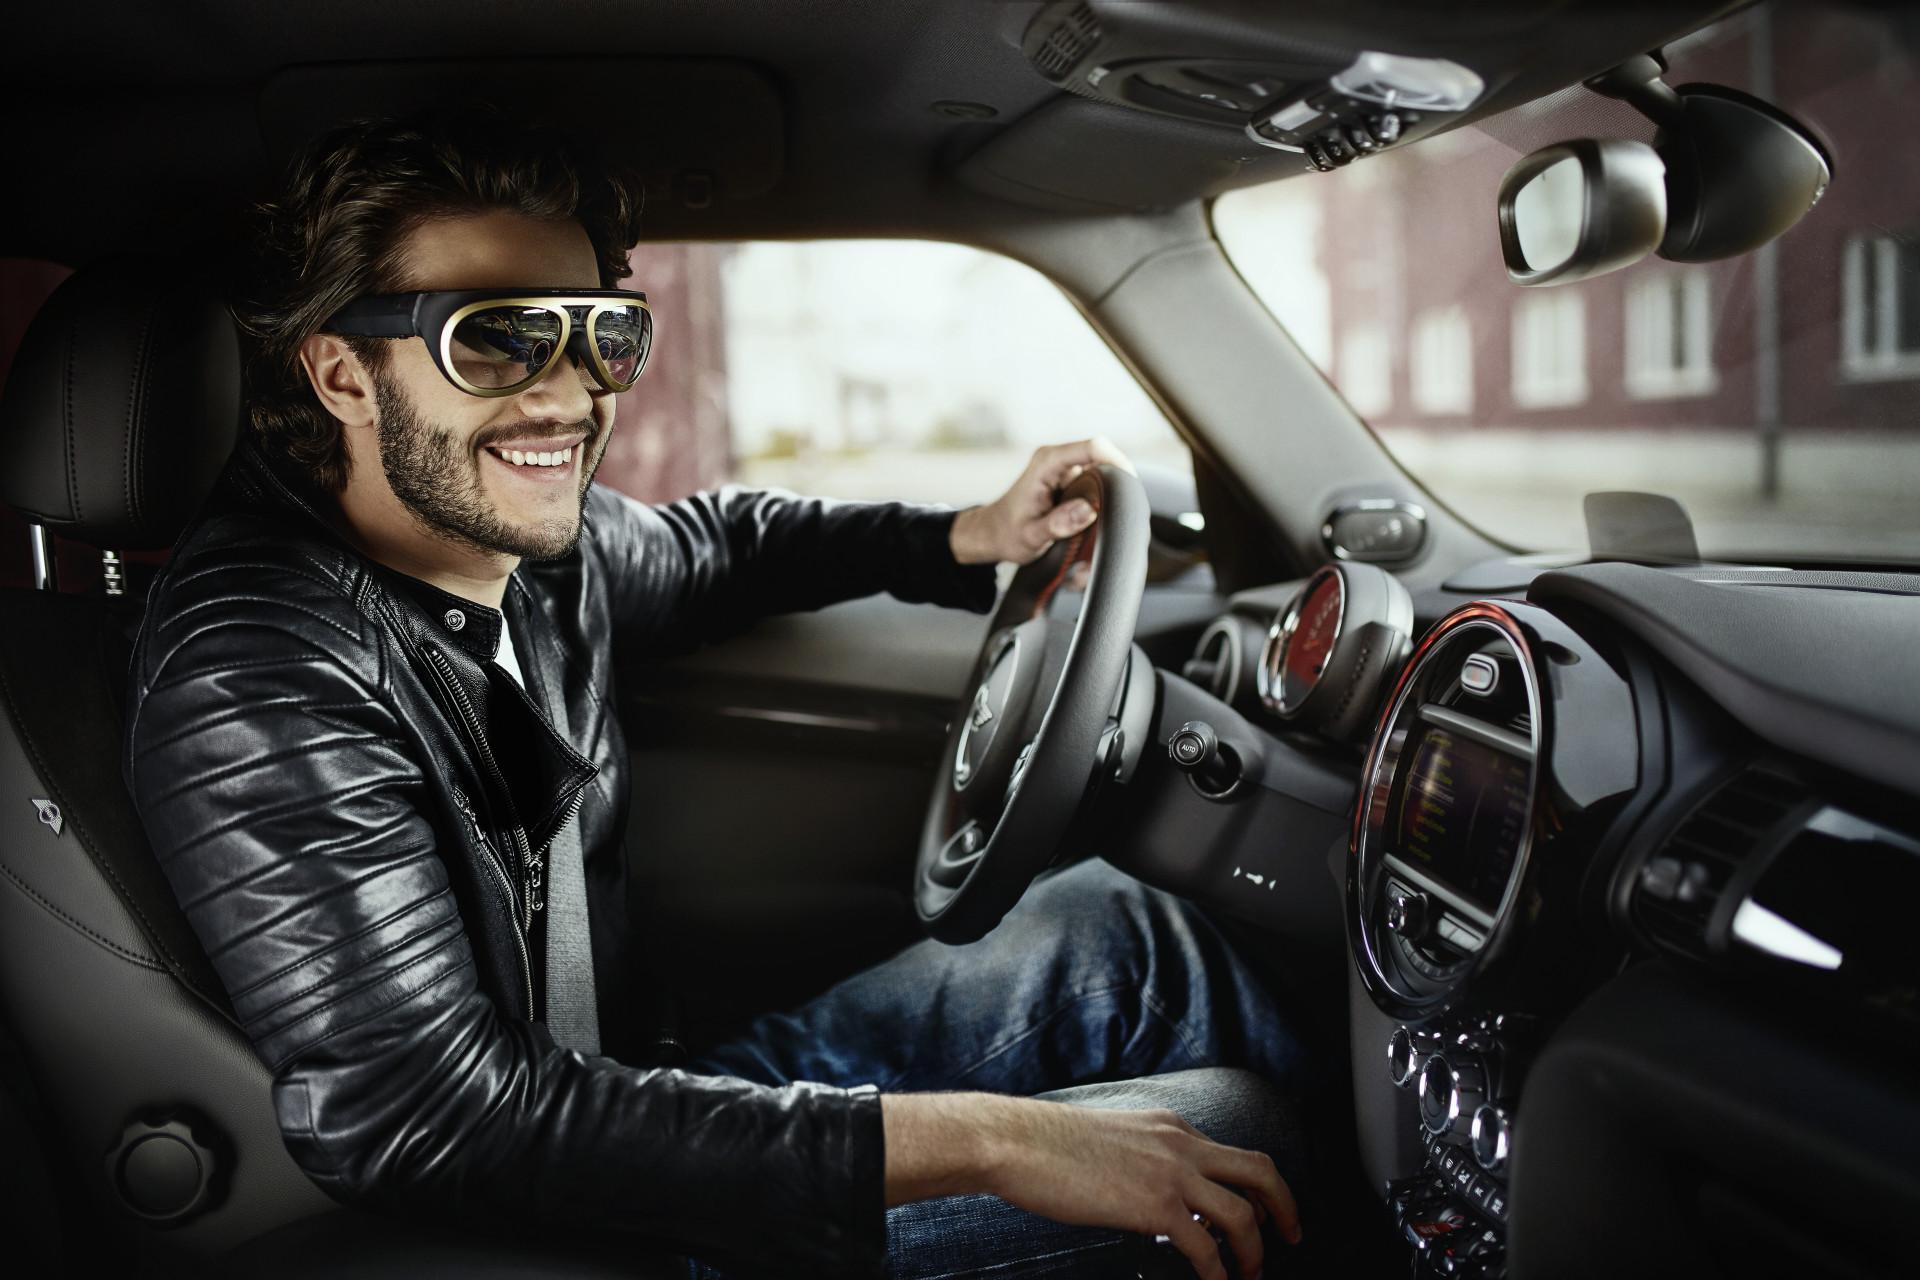 Mini mit Augmented Reality: Vintage-Designerbrille lässt durch Autotüren schauen